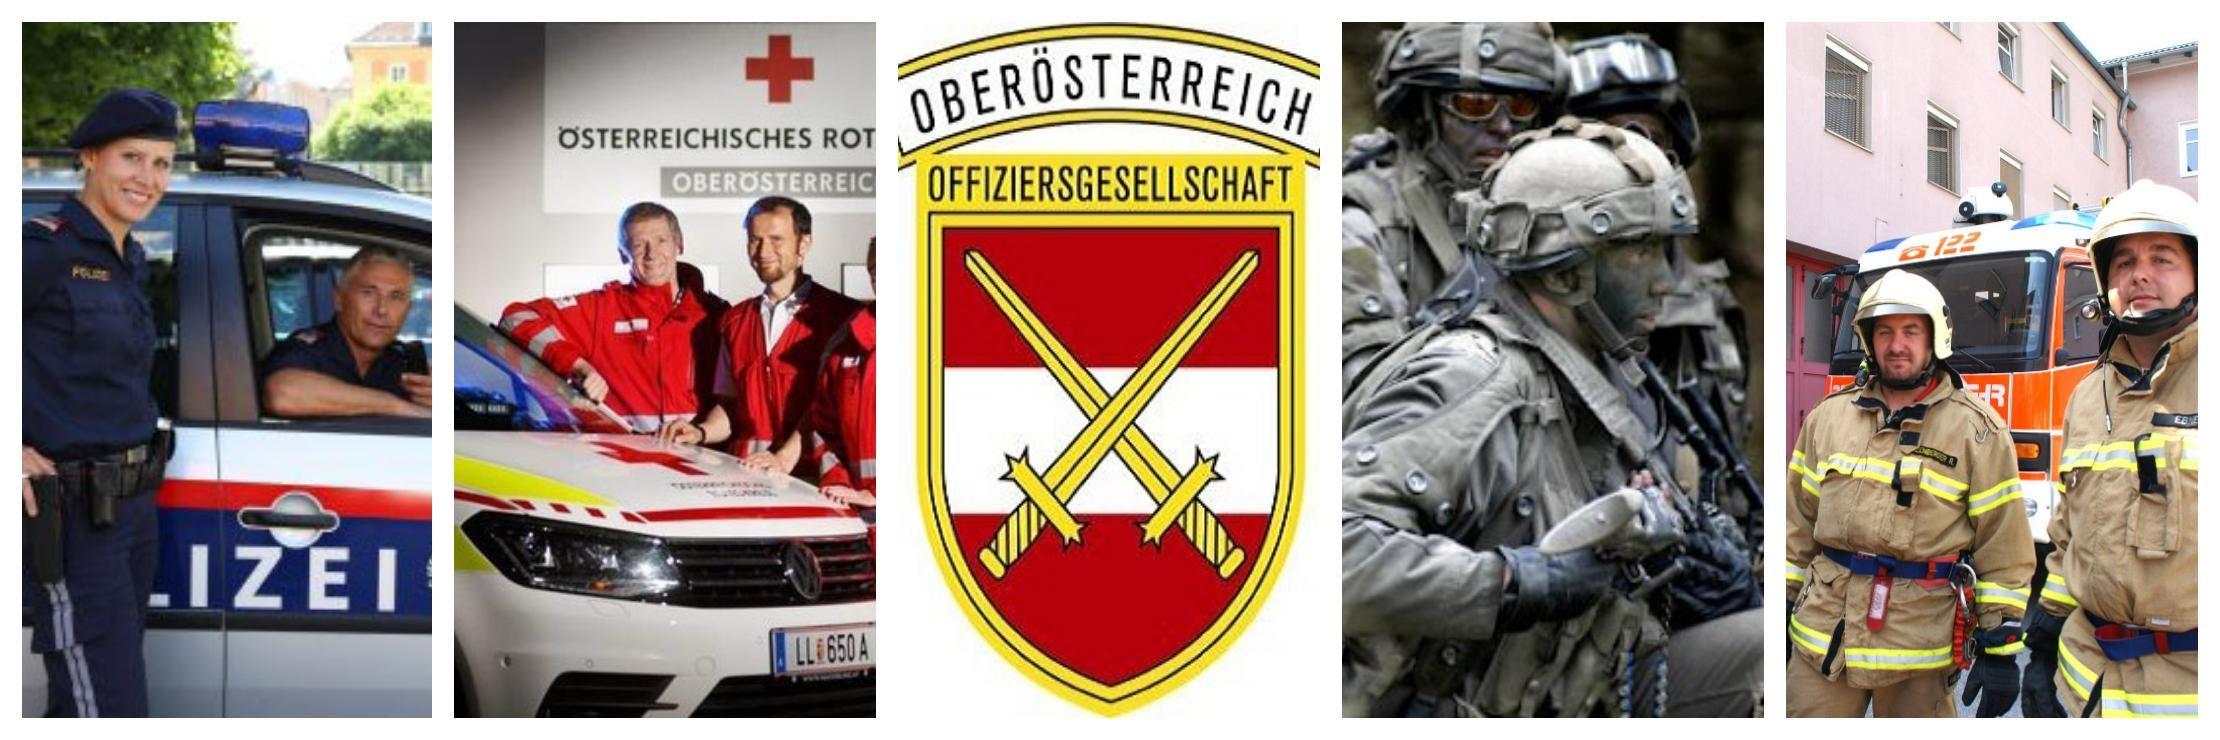 Offiziersgesellschaft